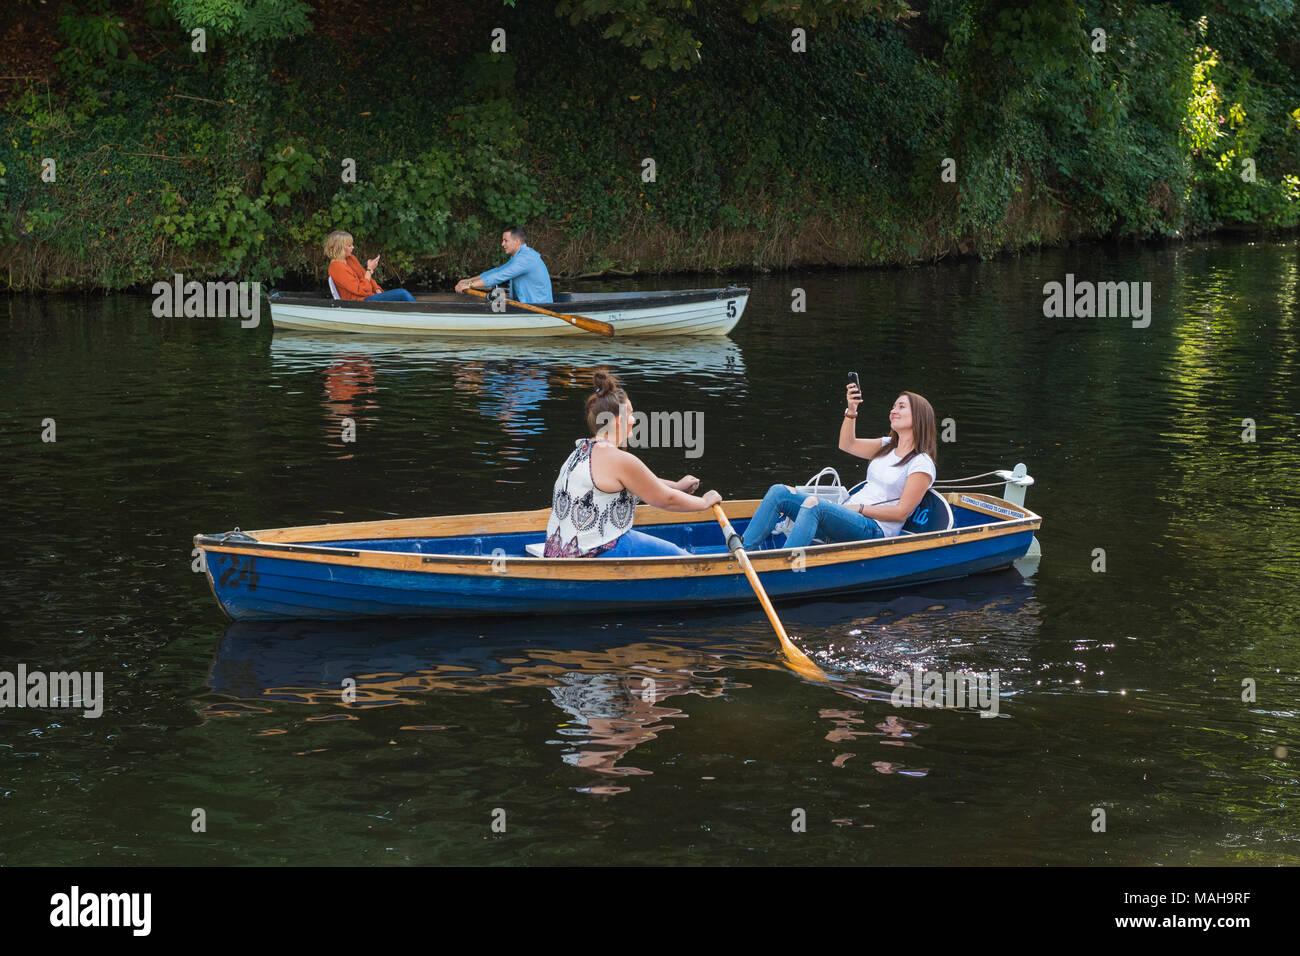 4 personas boating, relajarse y divertirse en 2 botes a remo (1 joven en barco está tomando selfie) - Río Nidd en verano, Knaresborough, Inglaterra, Reino Unido. Imagen De Stock